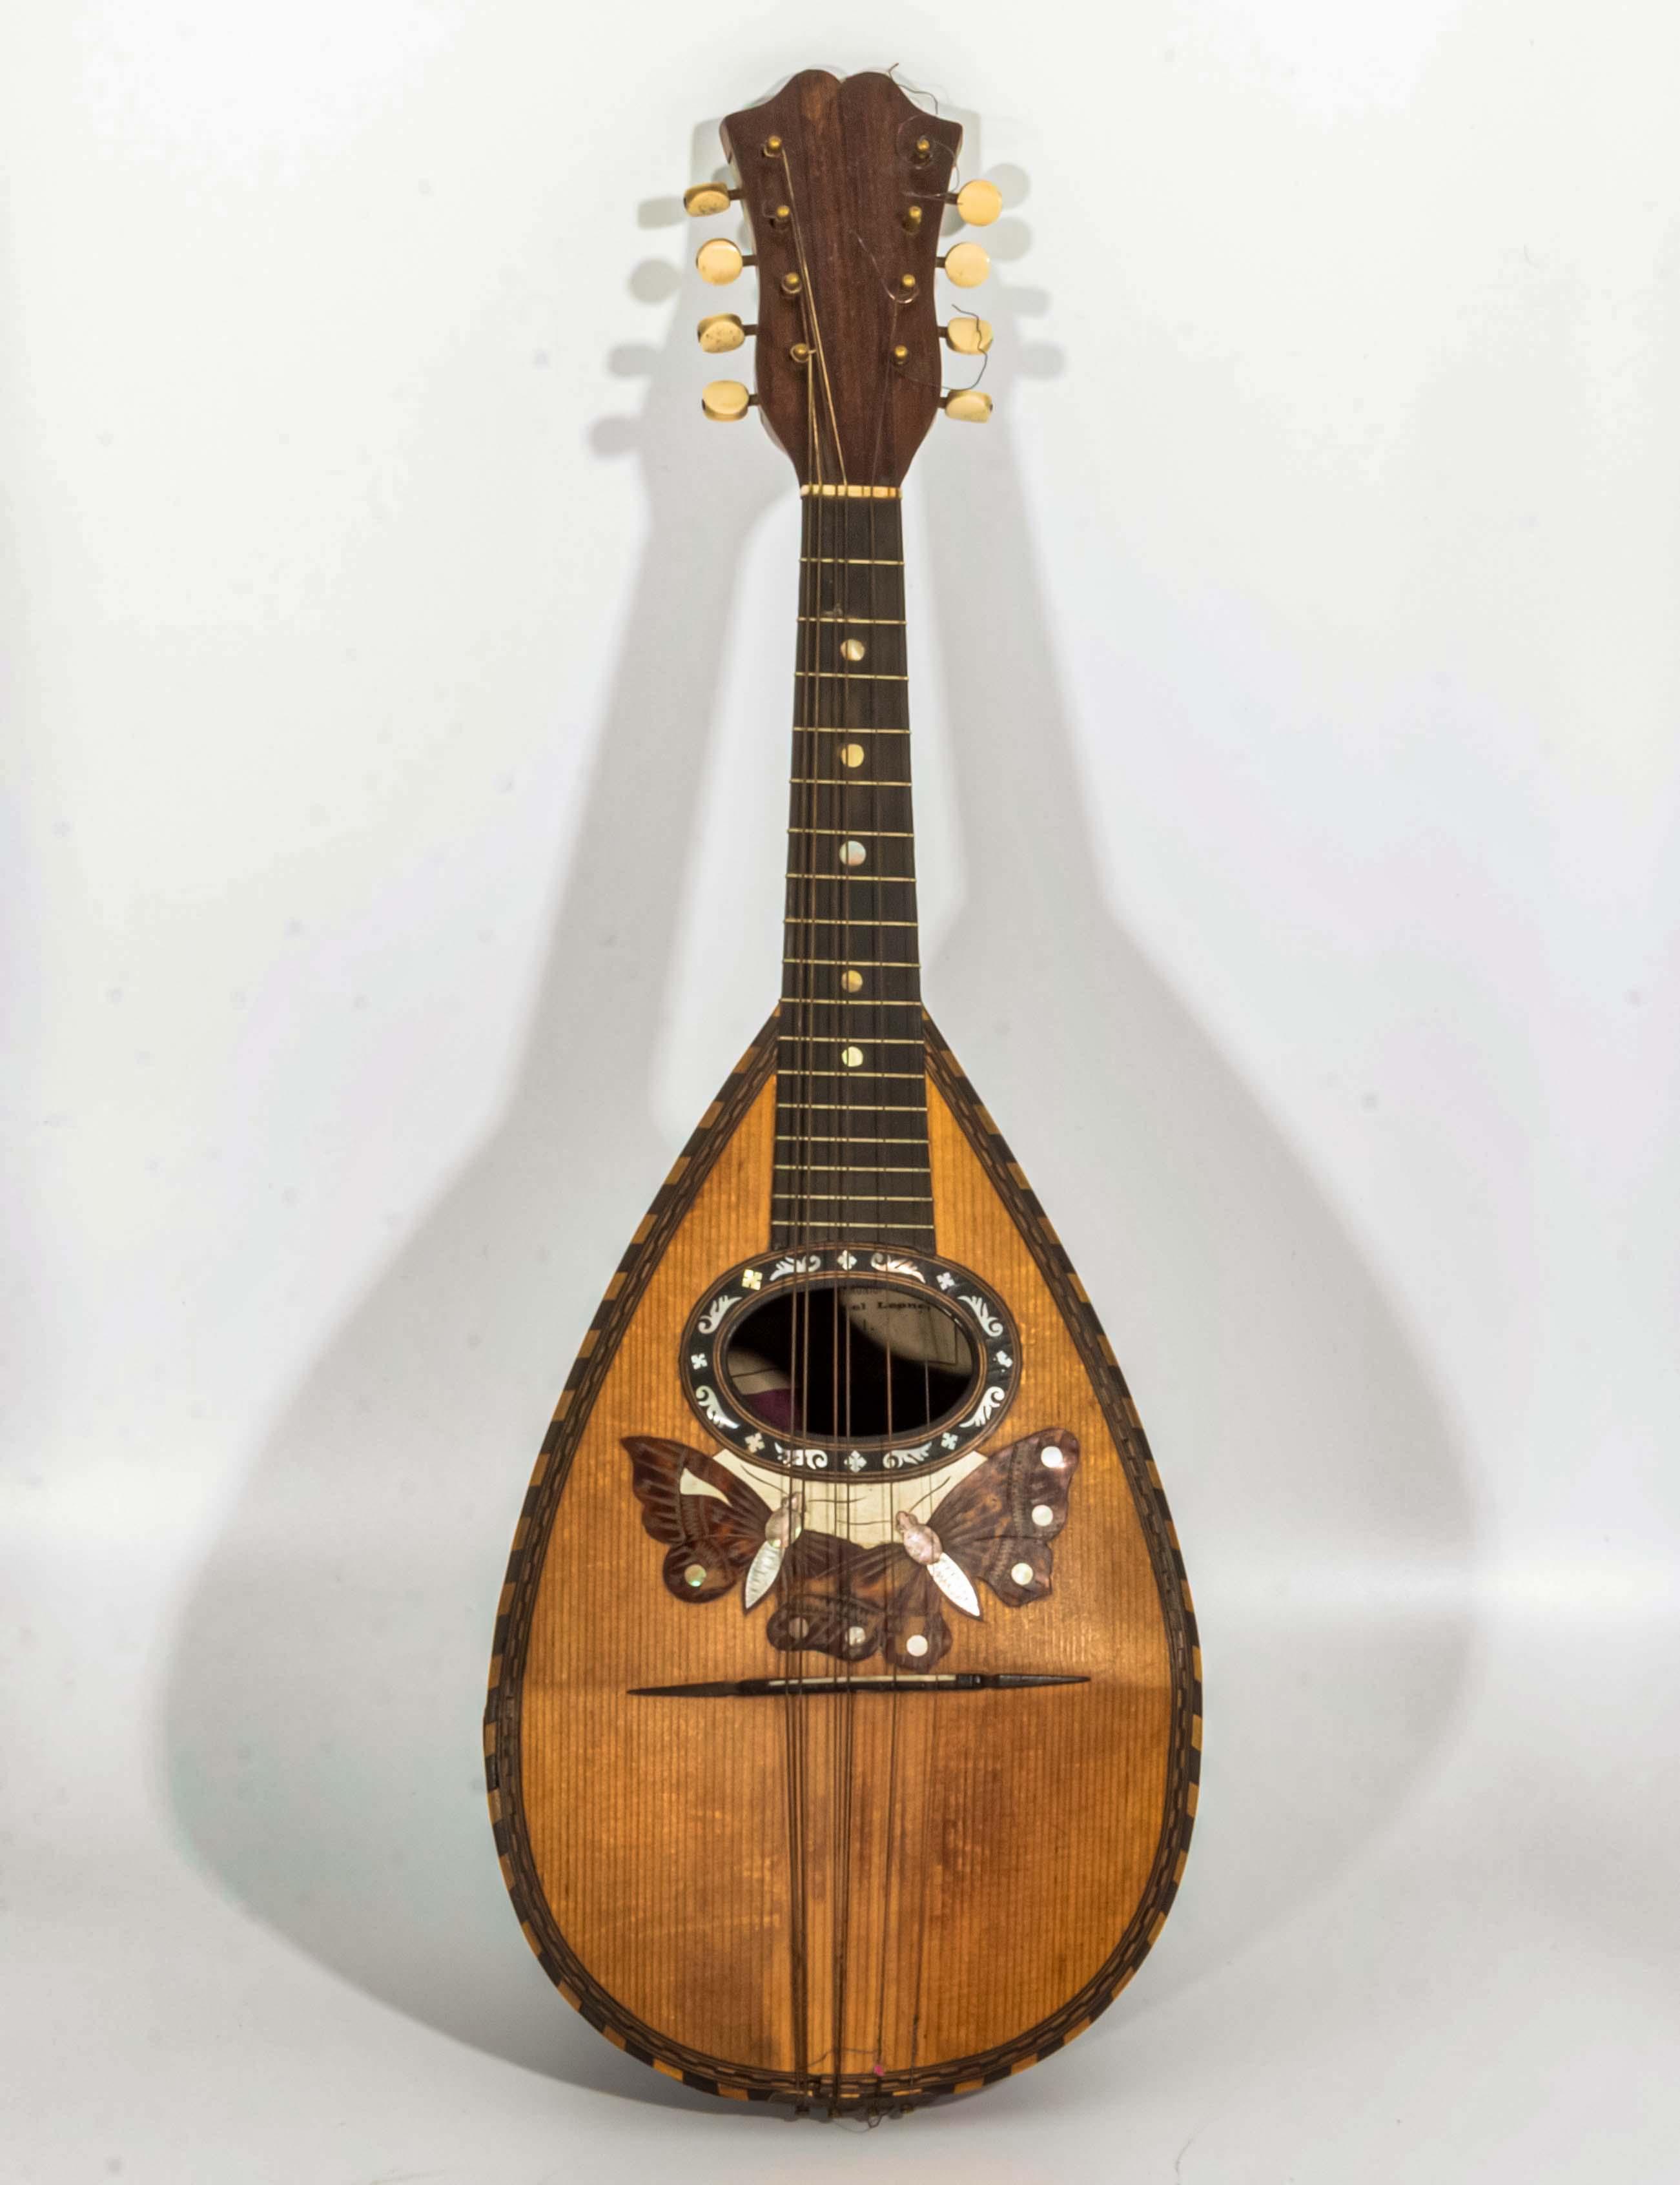 Lot 52 - A late Victorian Italian inlaid Mandolin, labelled F. De Mureda Fabricante Strumenti Armonici 27